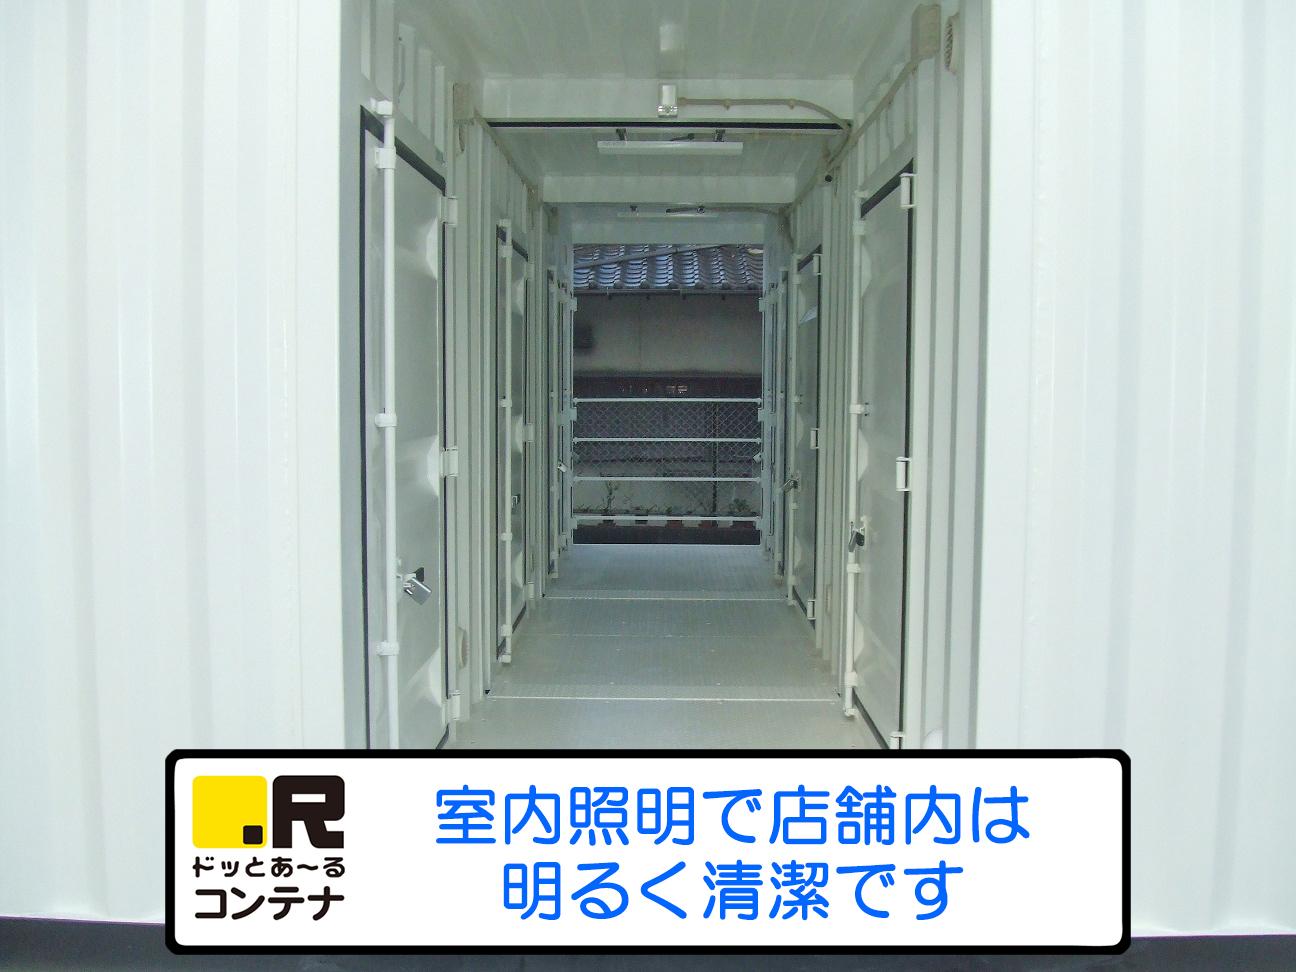 ドッとあ~るコンテナ桧原店(当月翌月無料・6ヶ月半額)